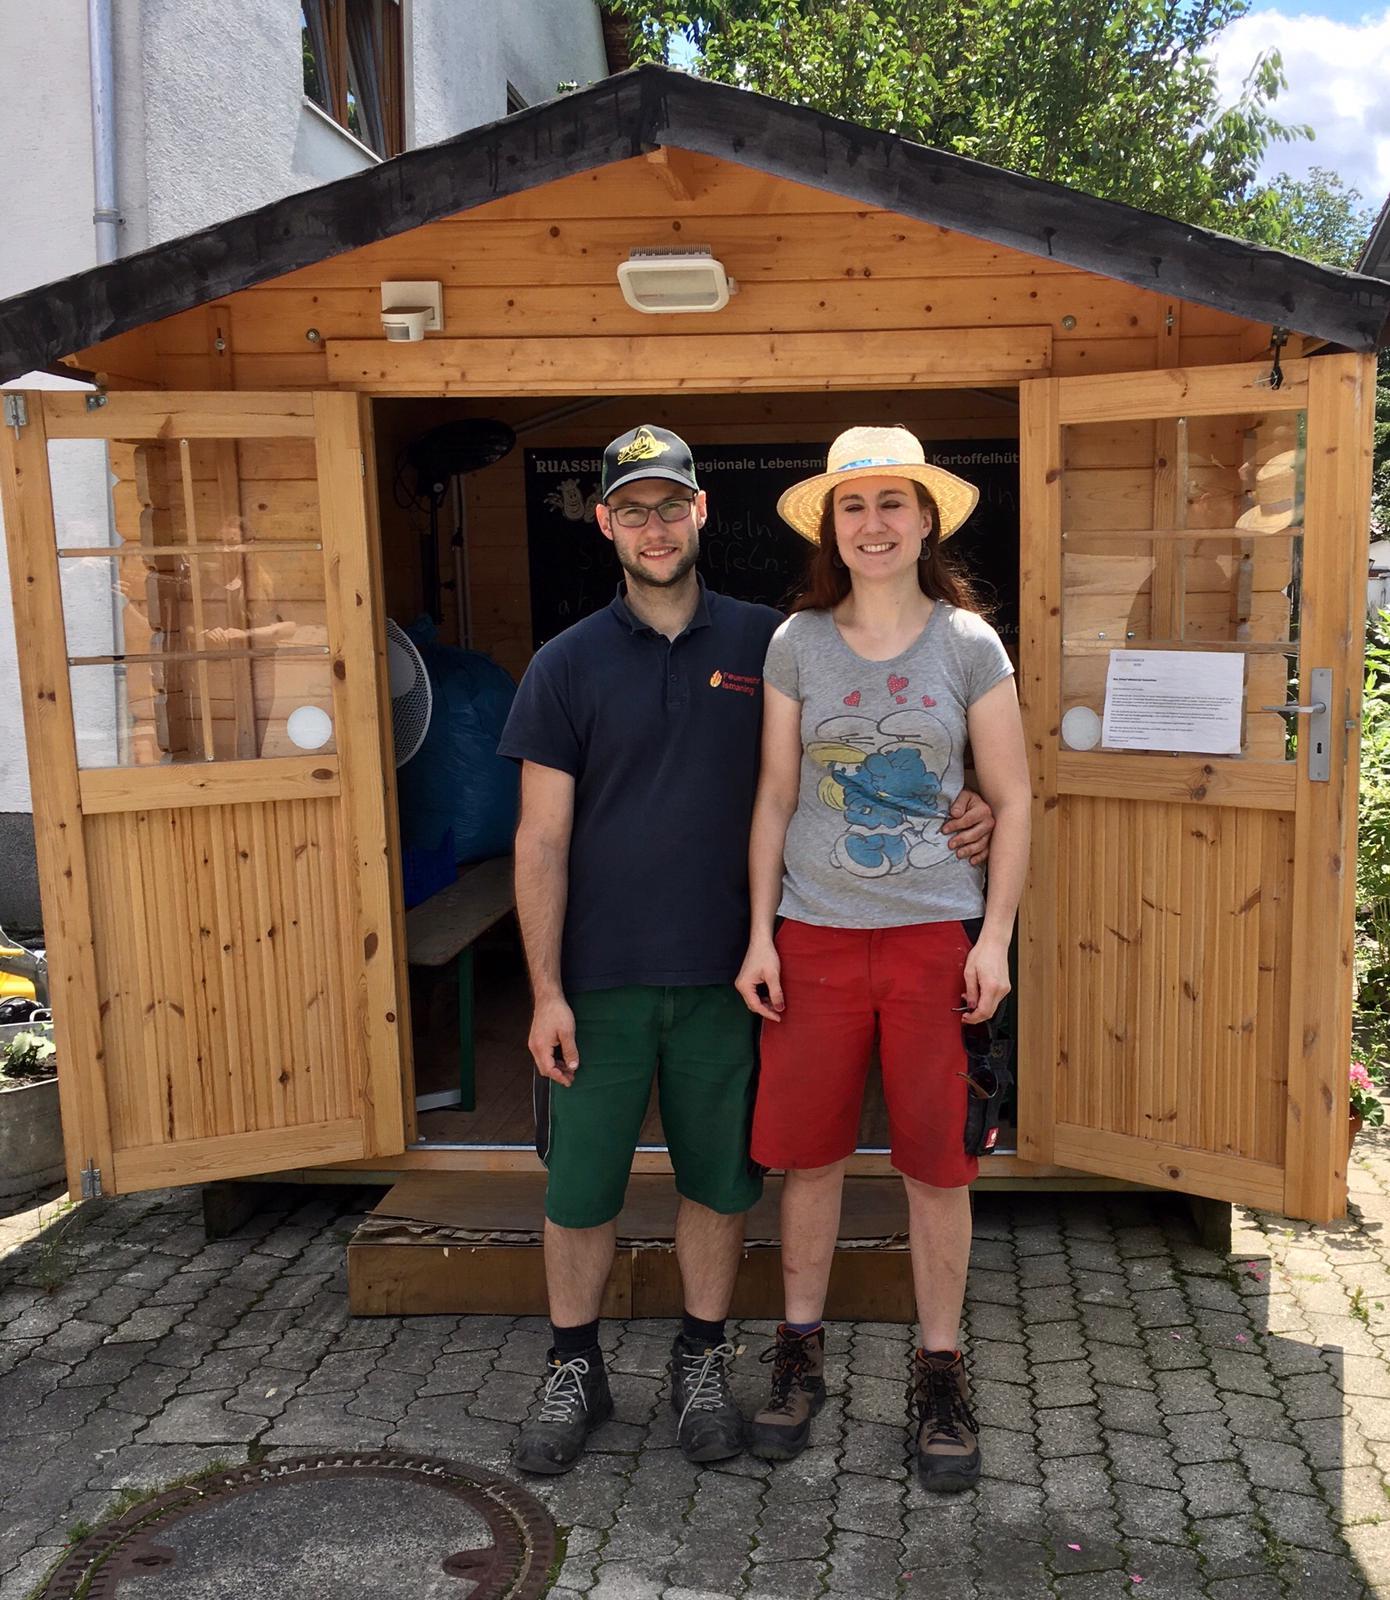 Jungbauer Bernhard und Jungbäuerin Fee vorm Selbstbedienungshofladen